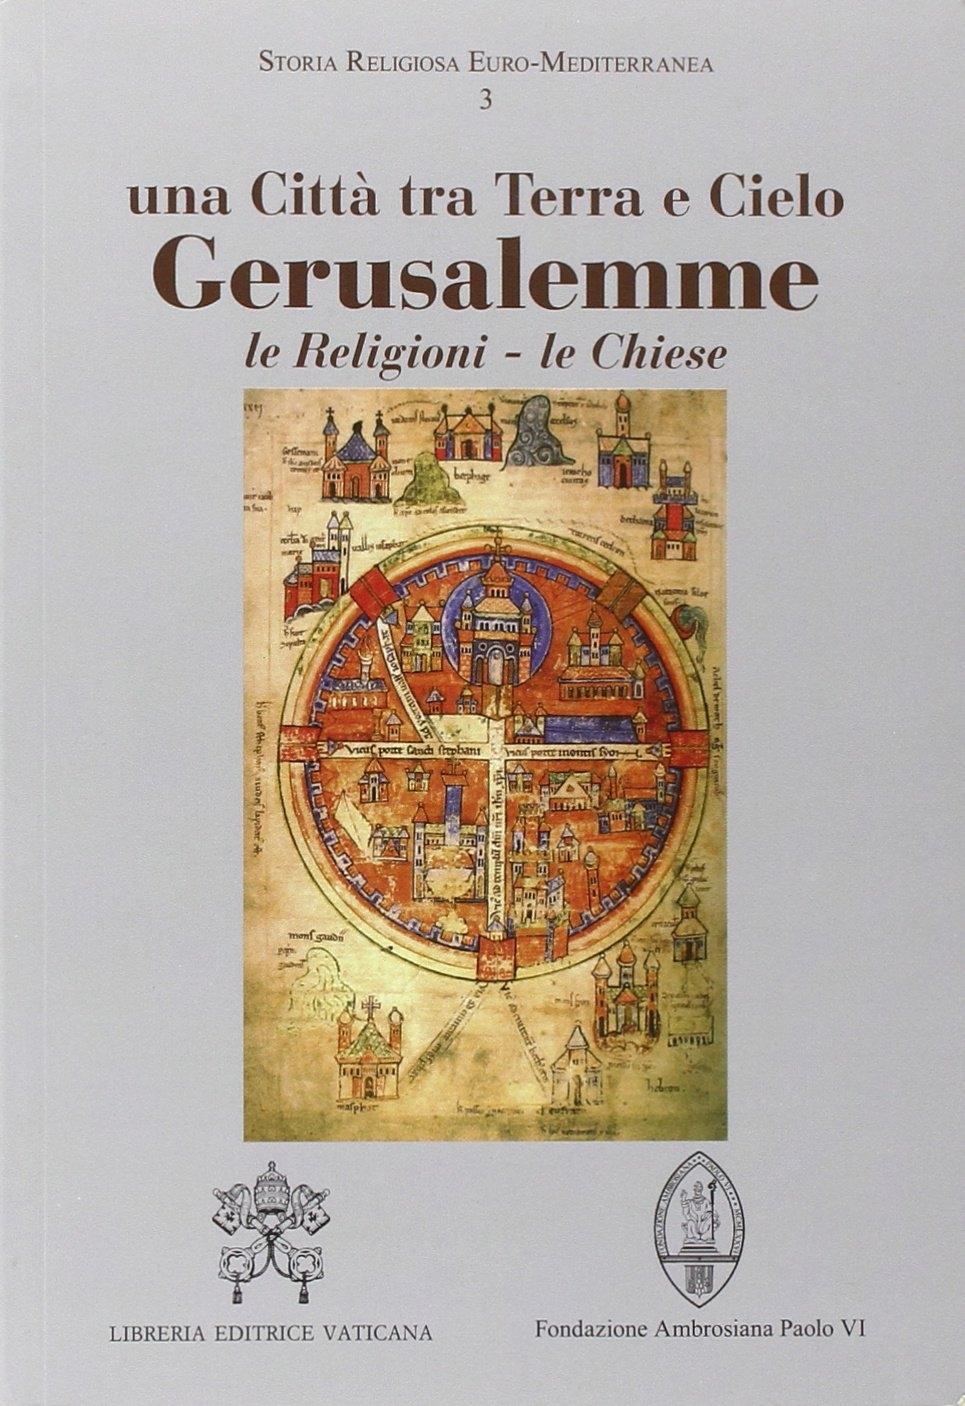 Gerusalemme. Una città tra Terra e Cielo